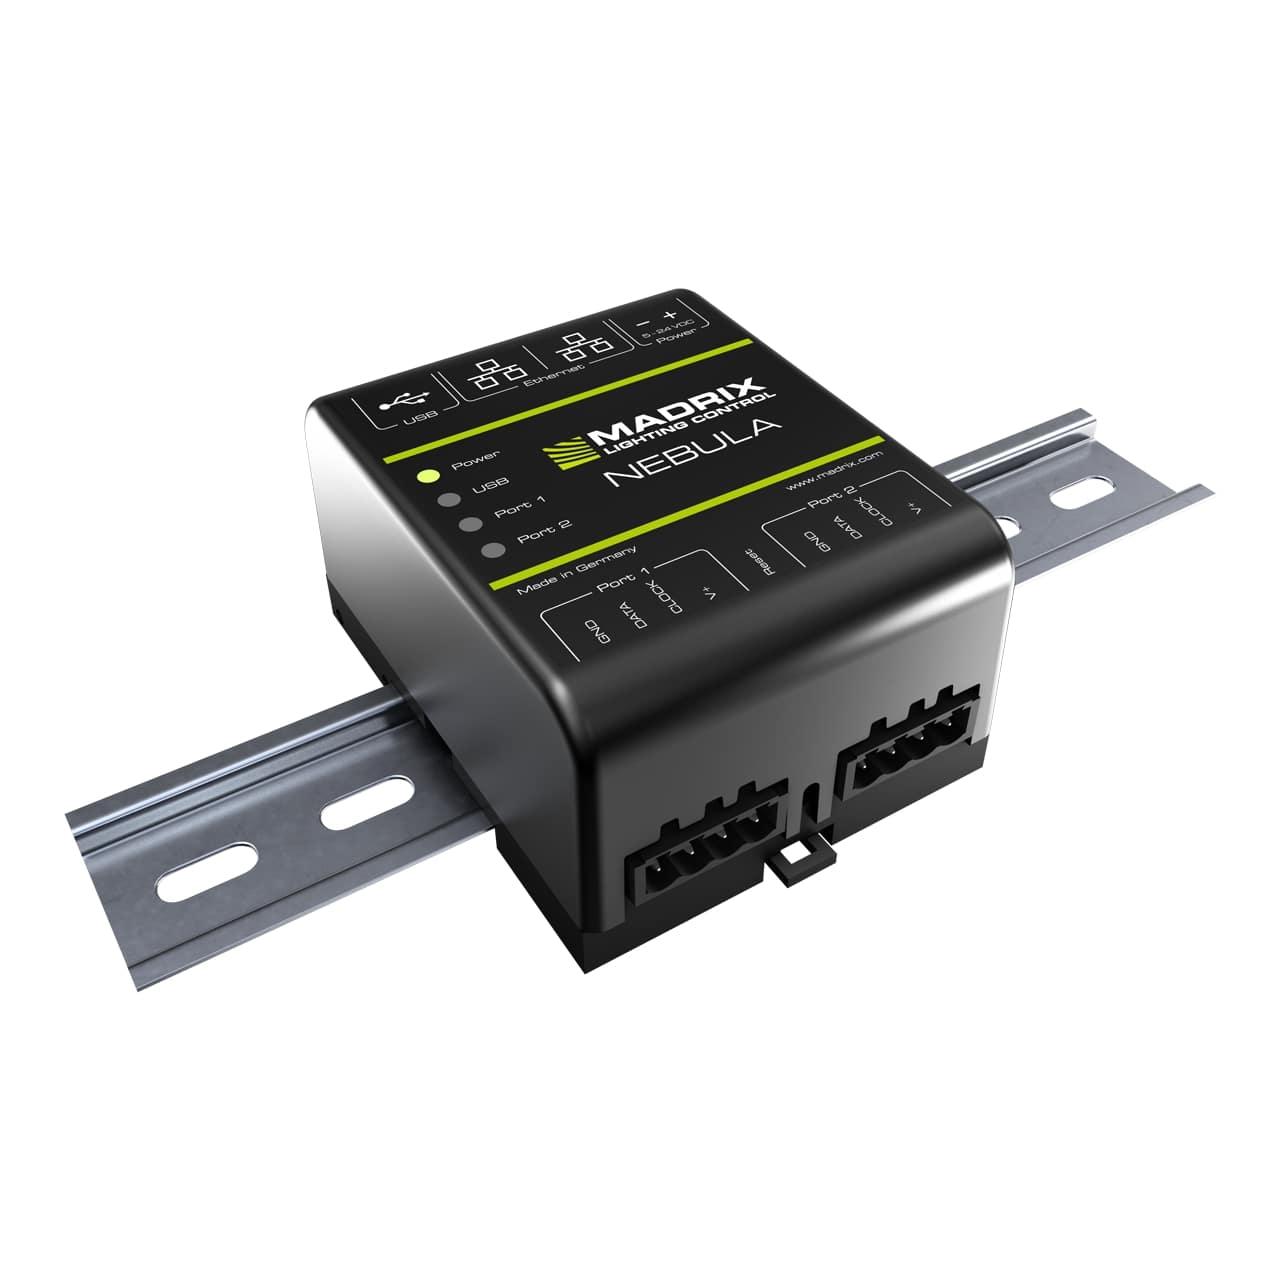 MADRIX NEBULA controlador de cinta de pixeles LED